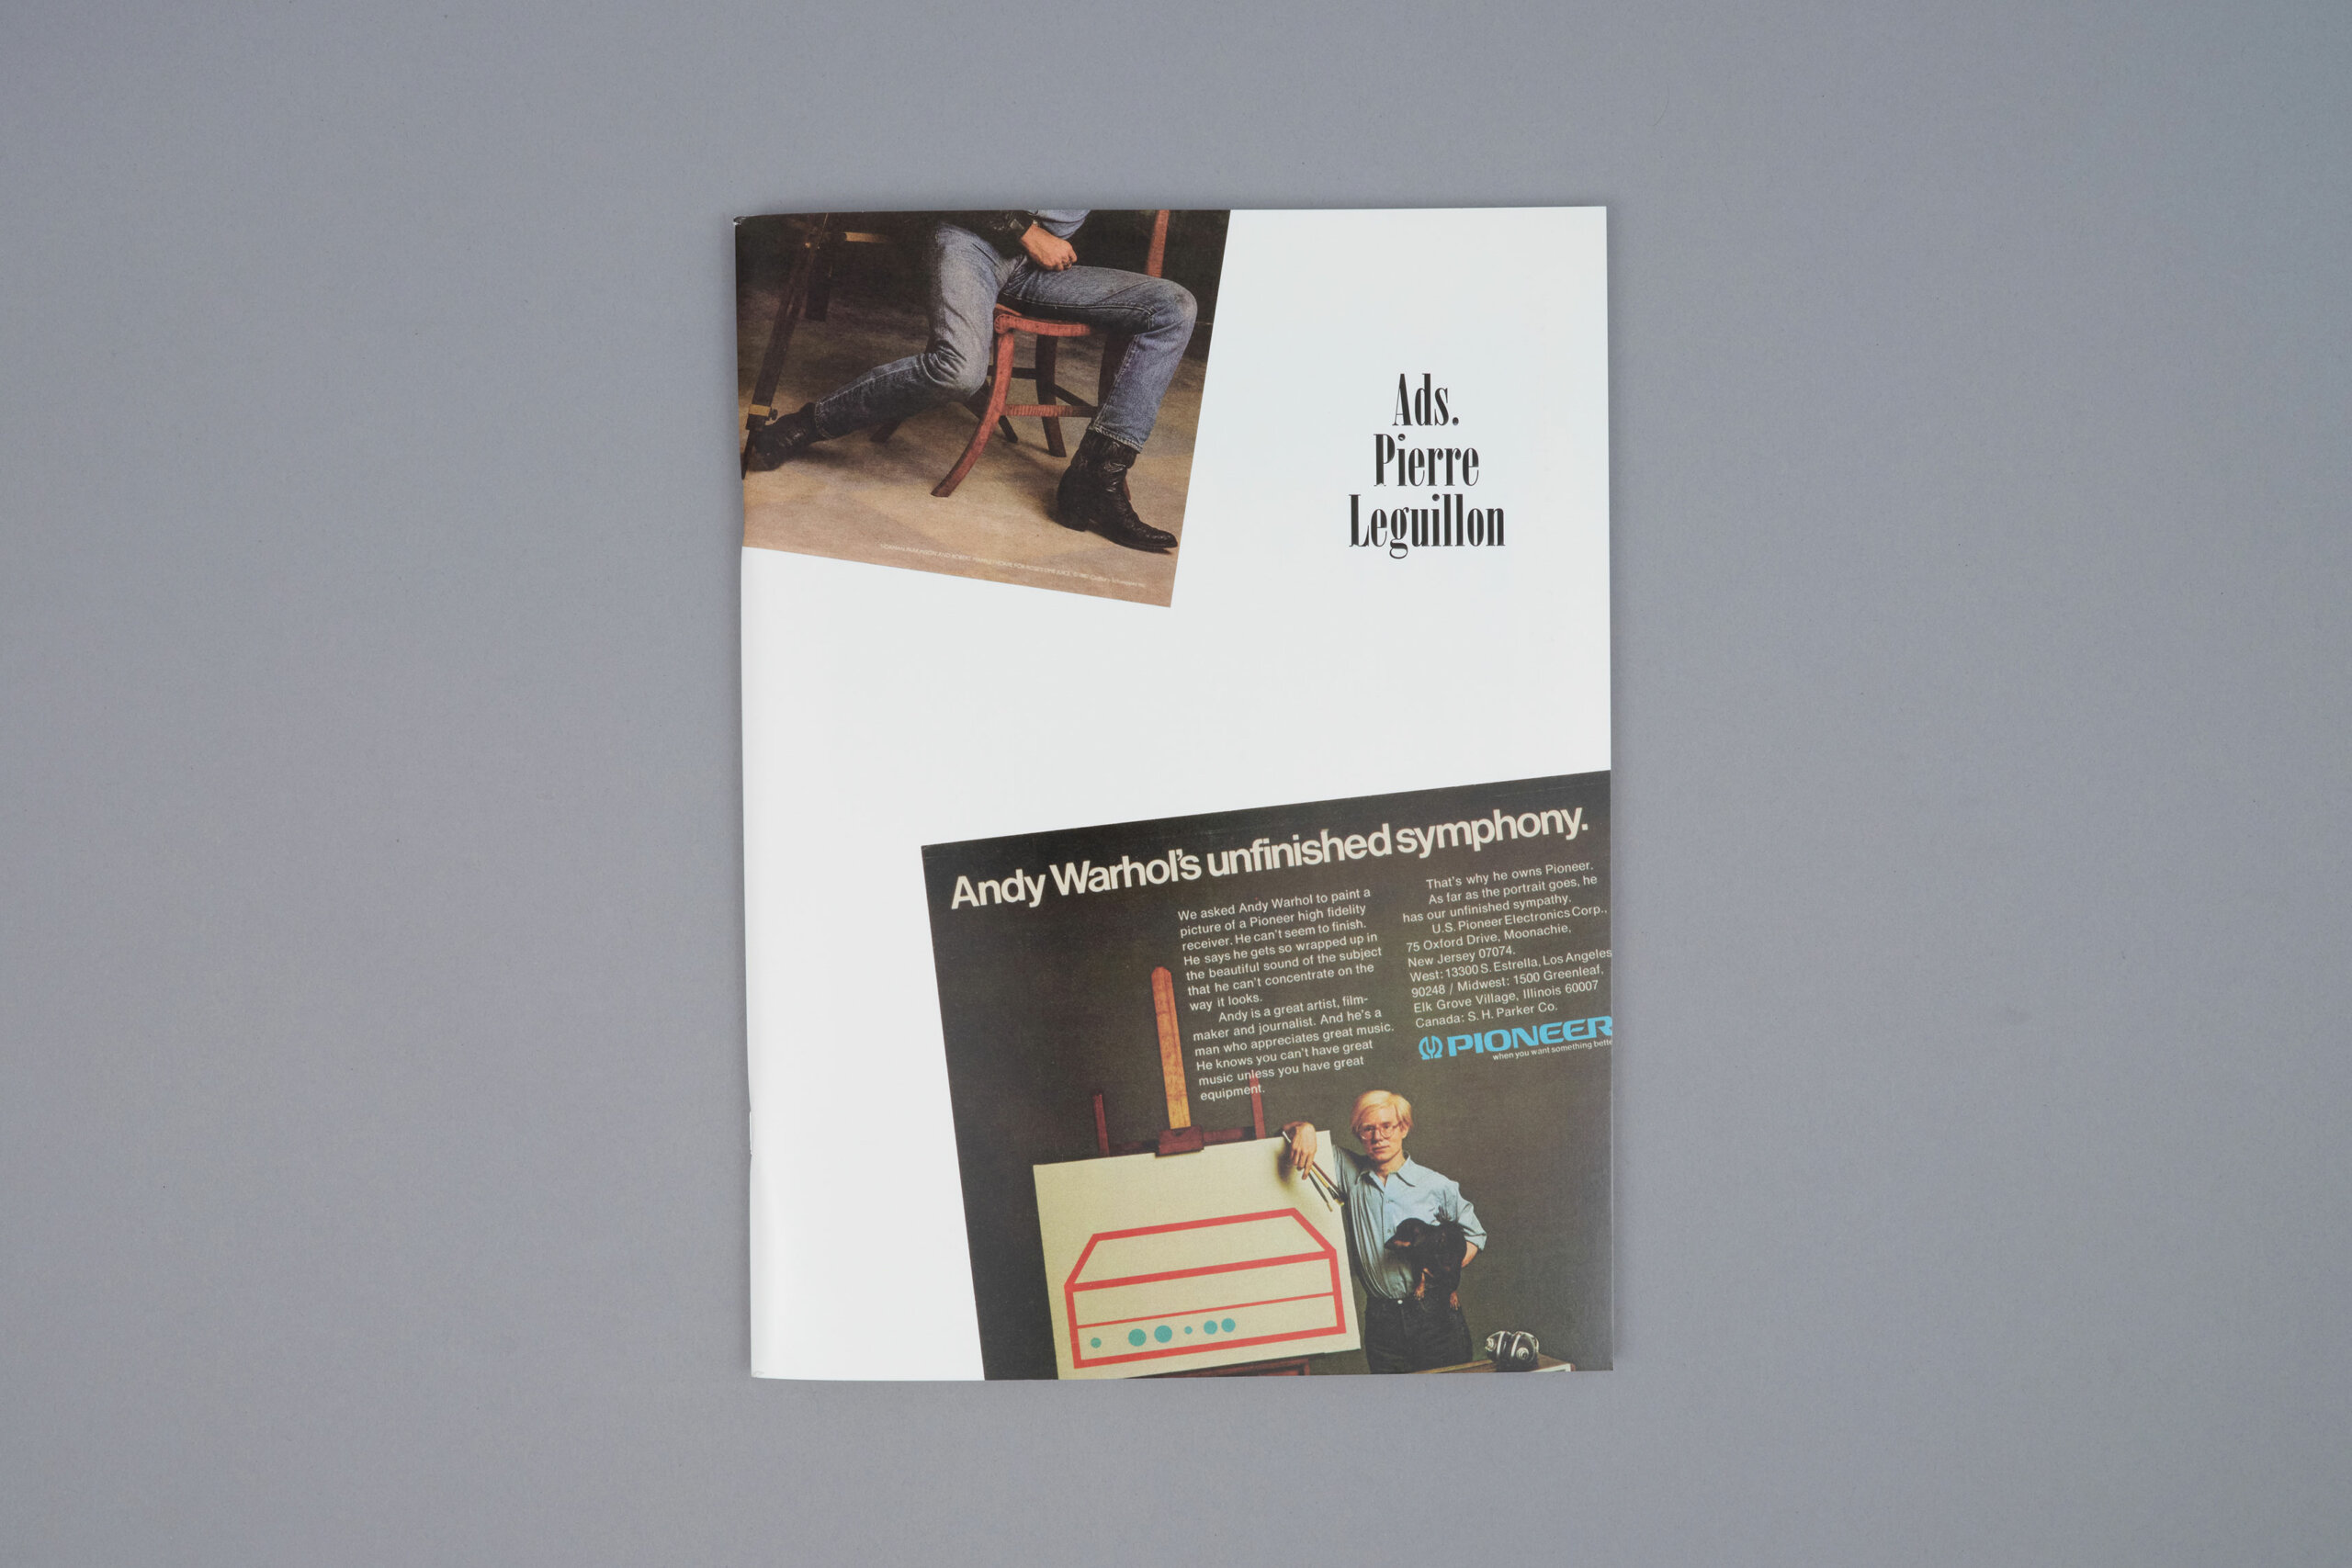 ADS-leguillon-delpire-1